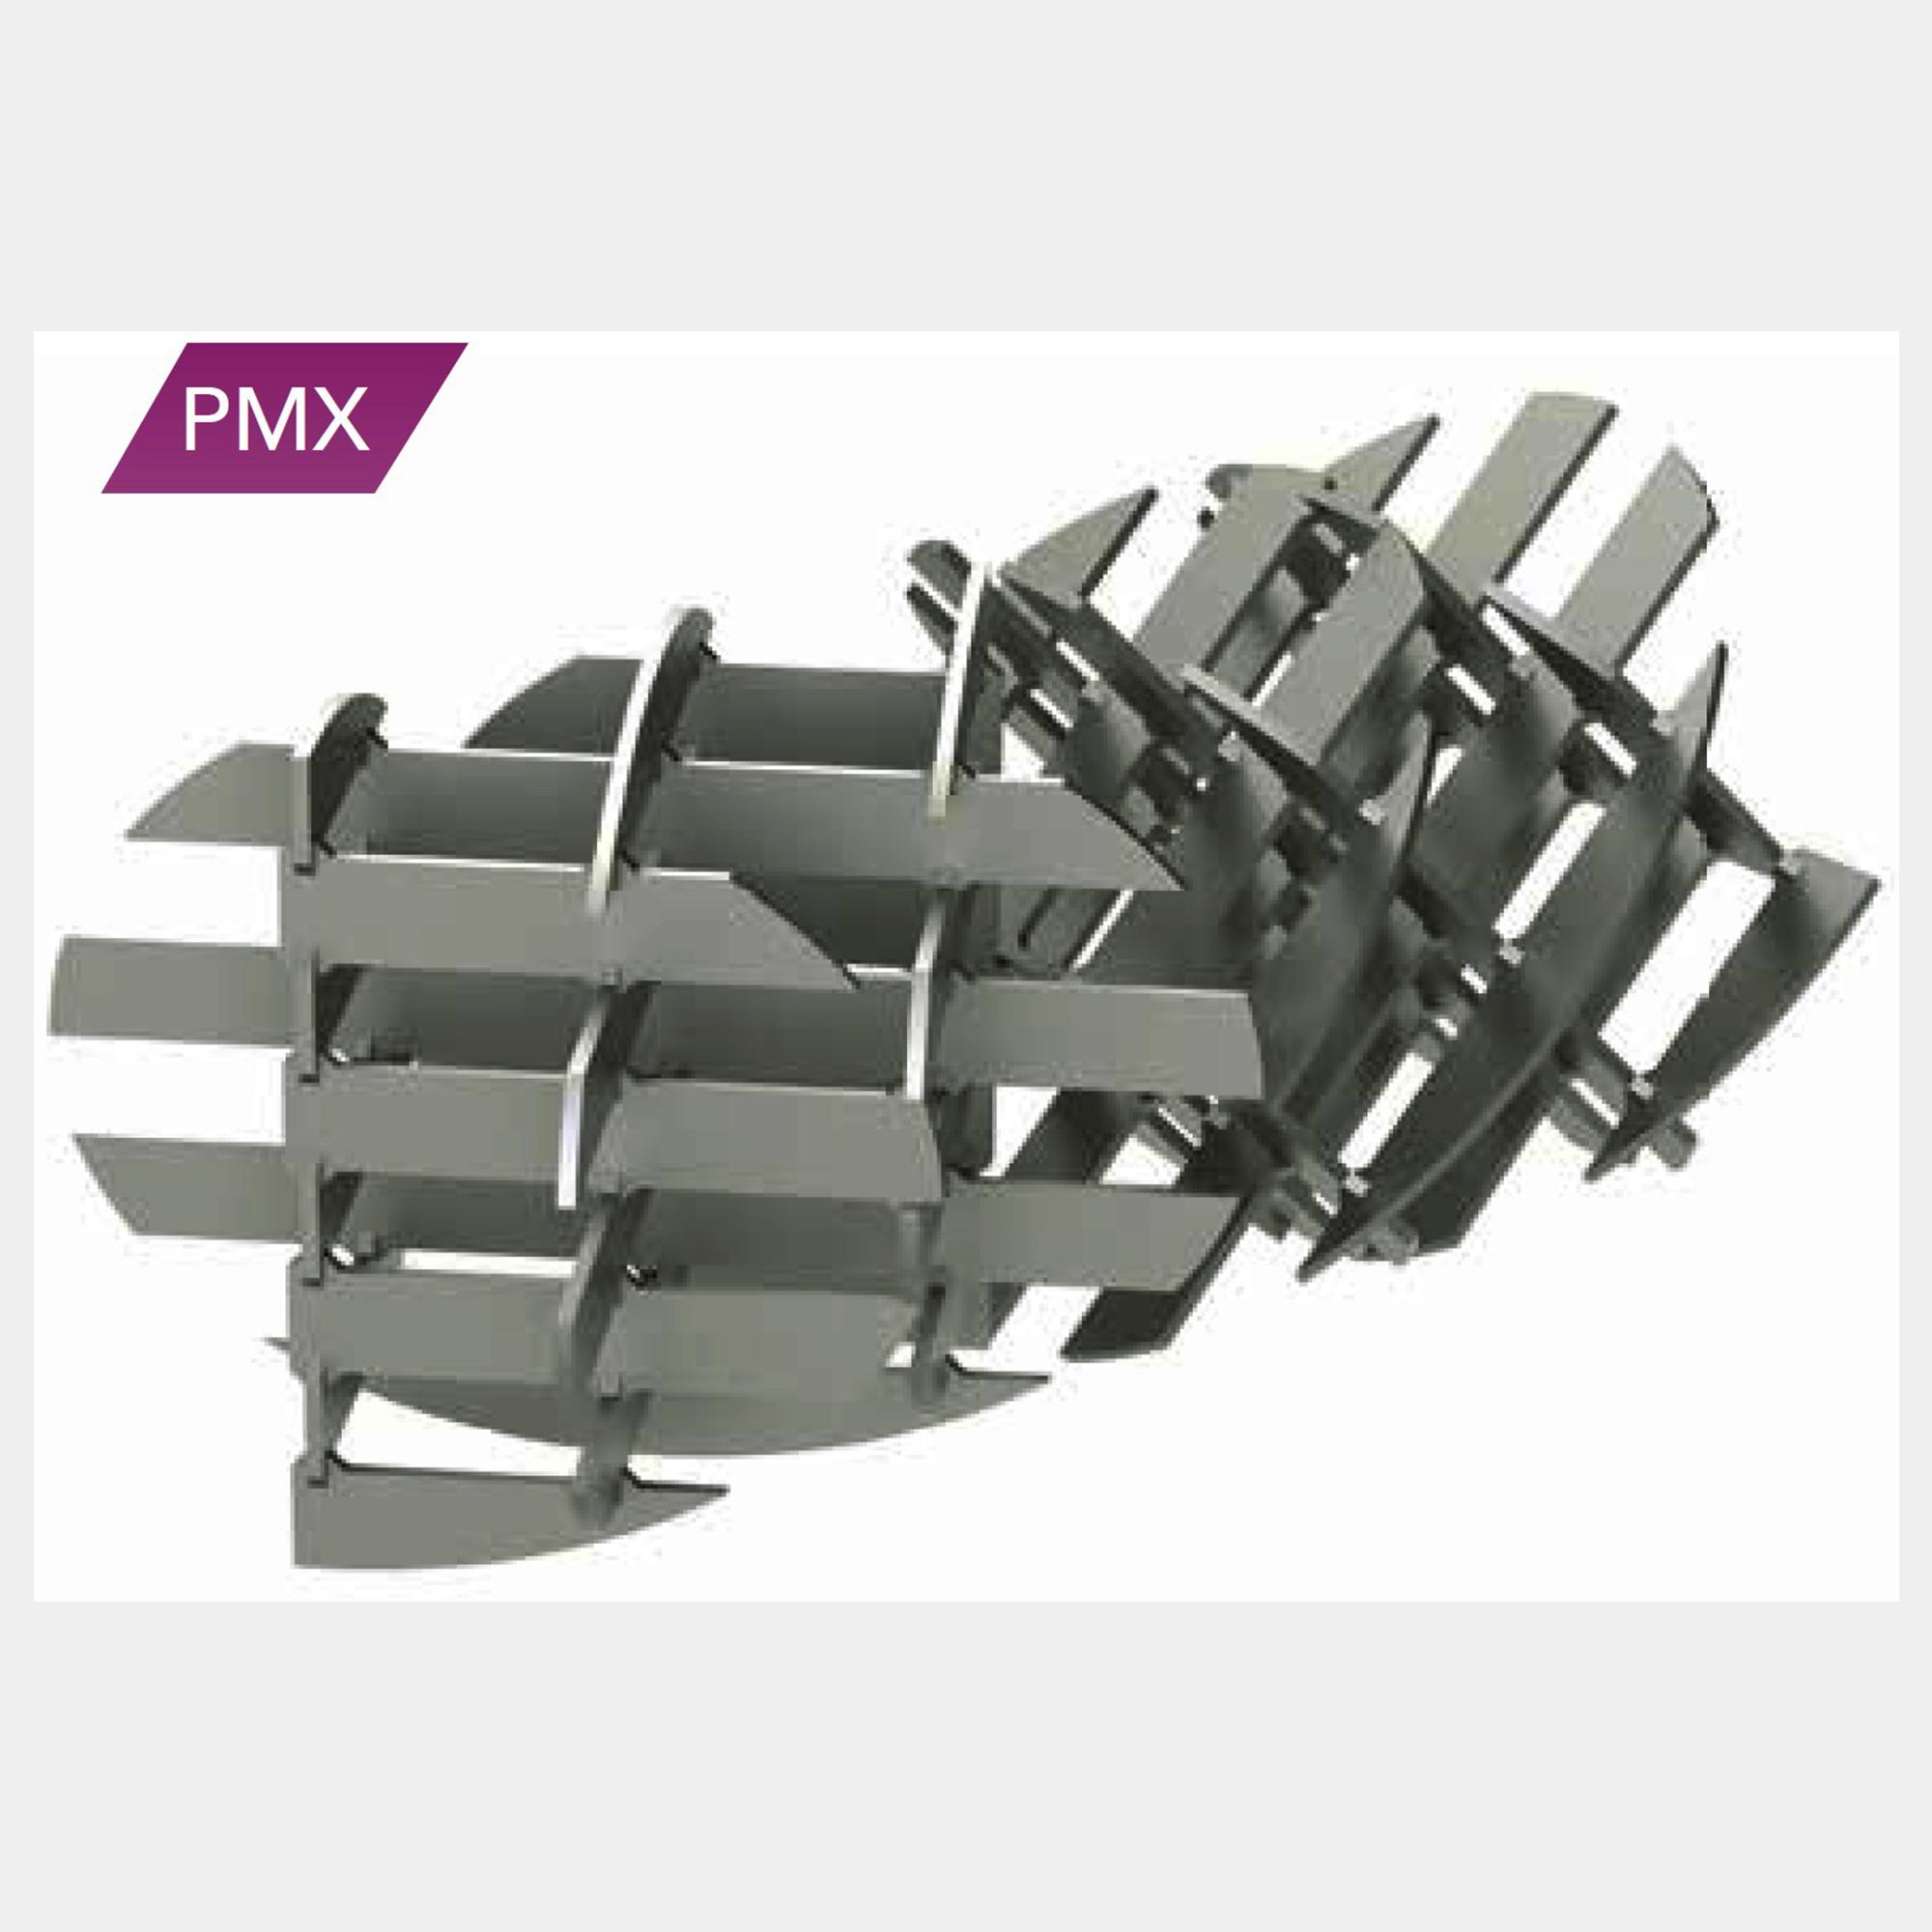 Mezclador estático PMX